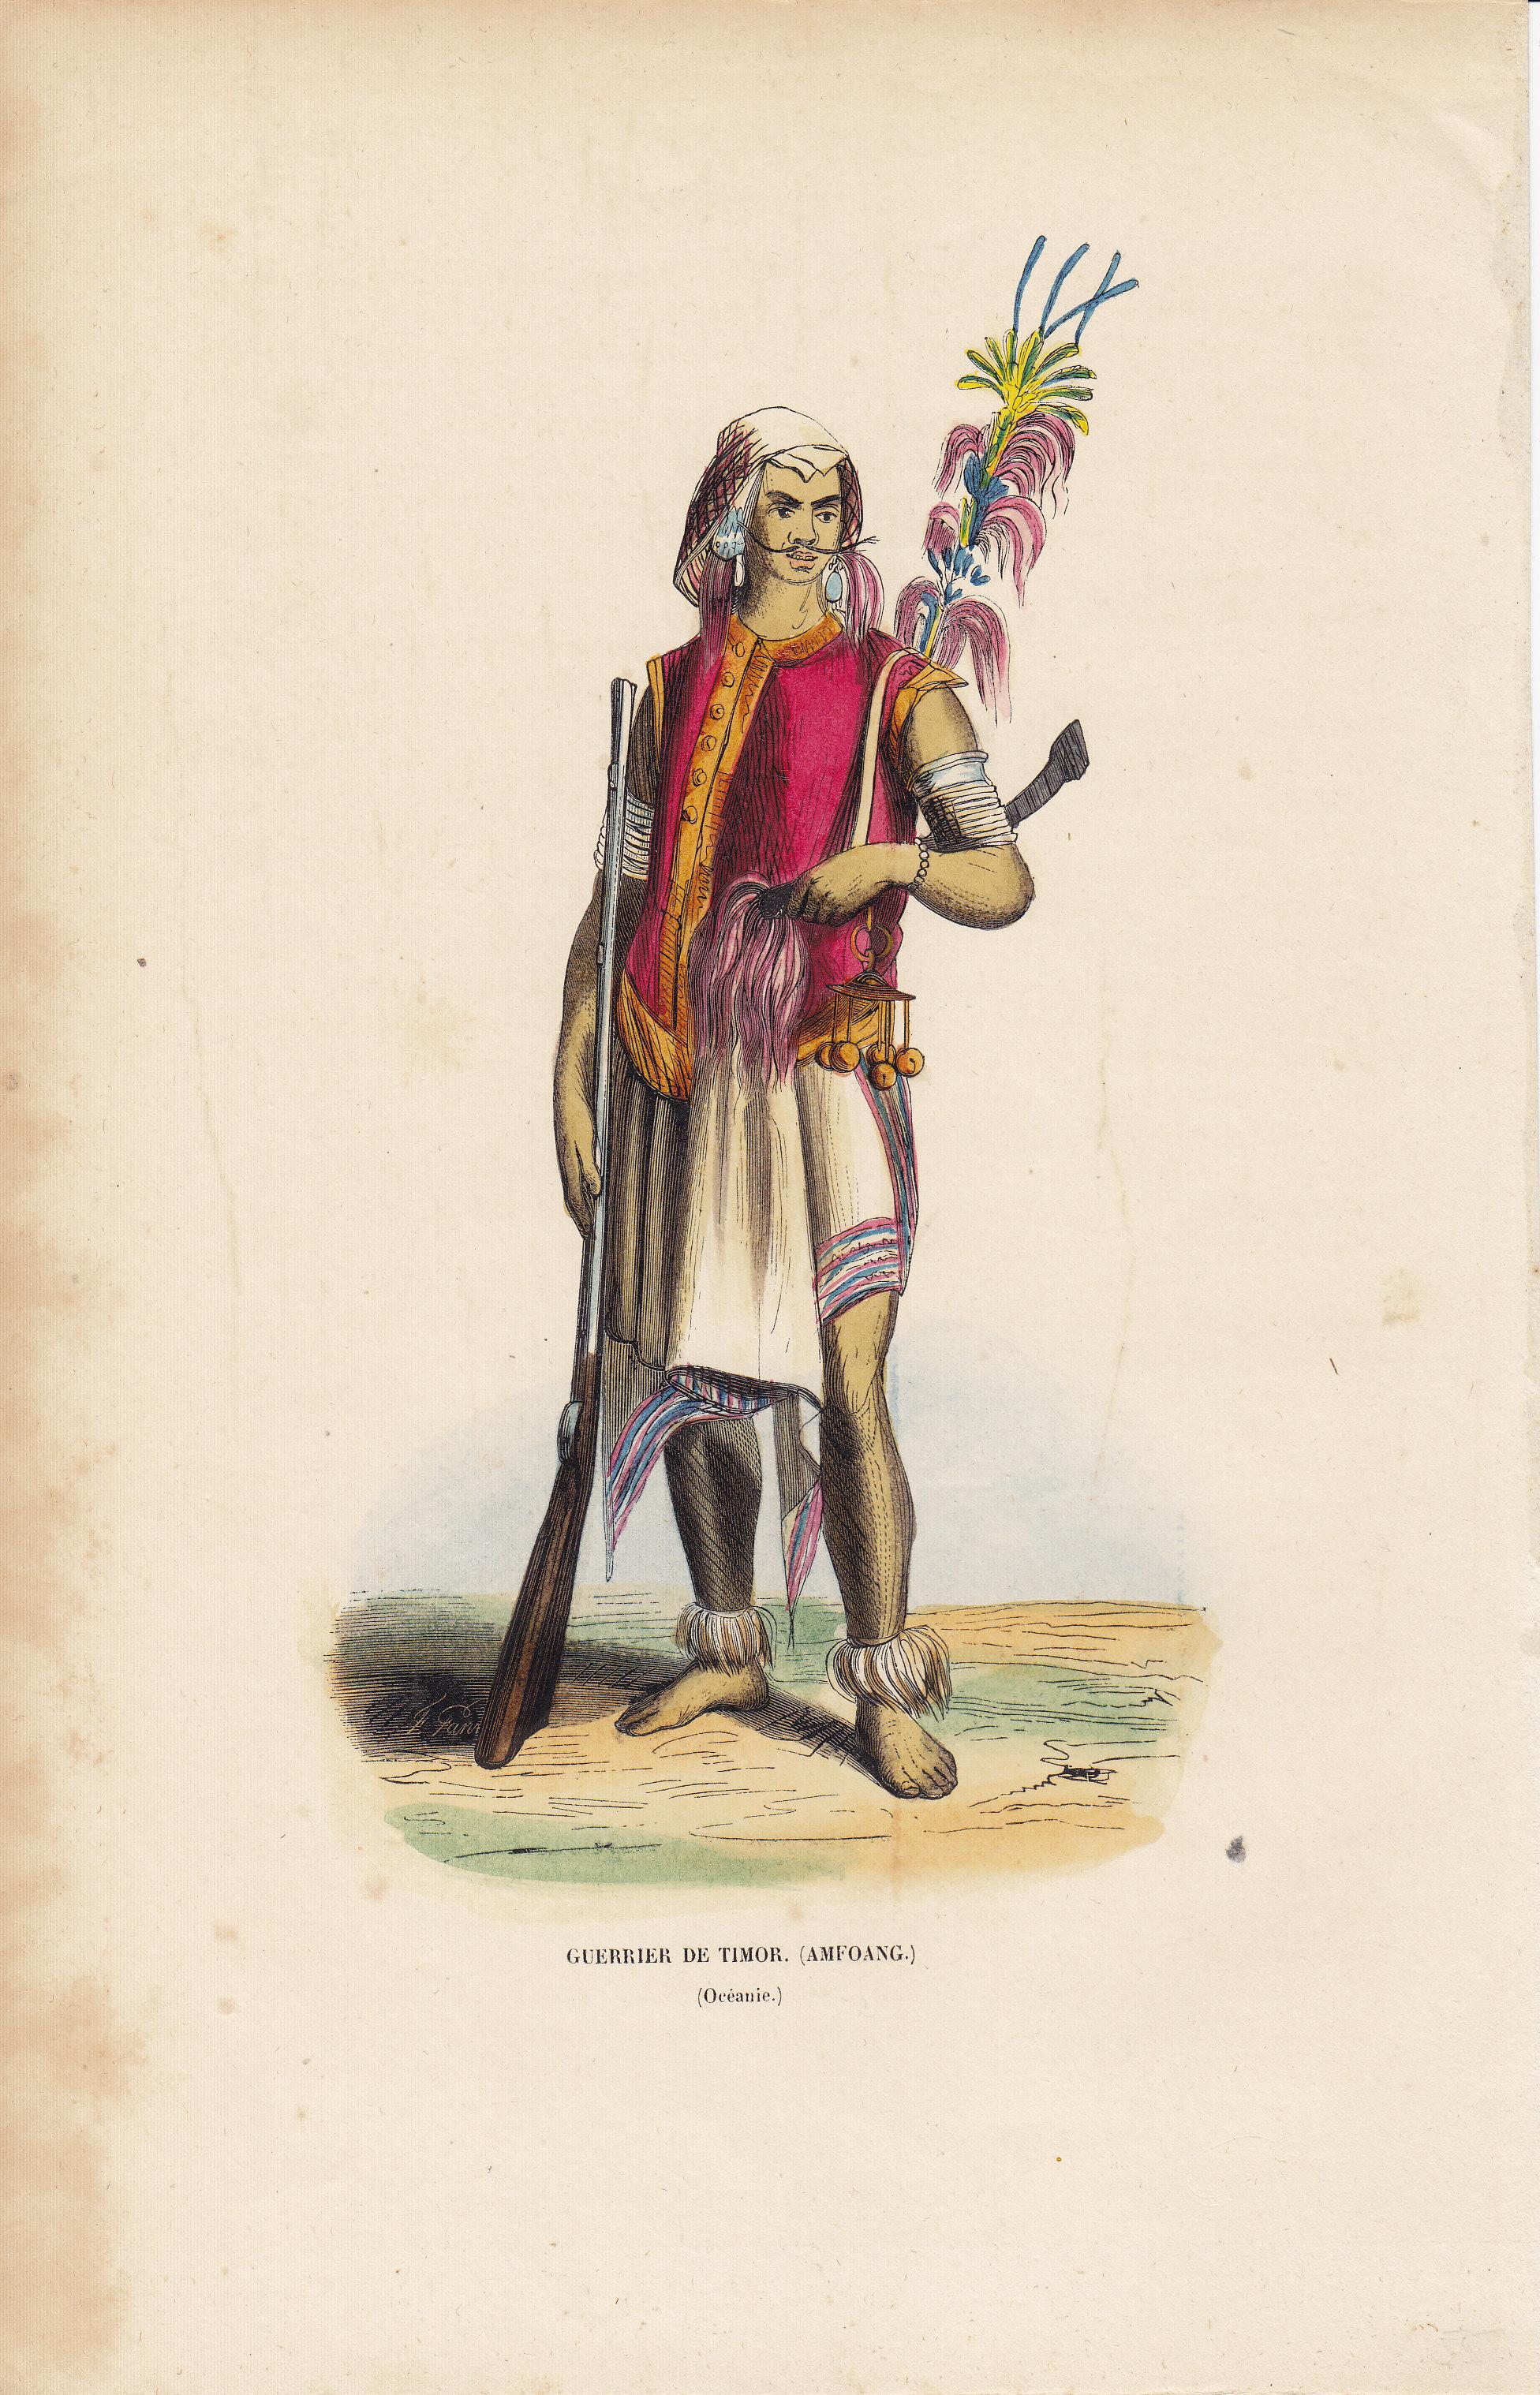 Guerrier de Timor